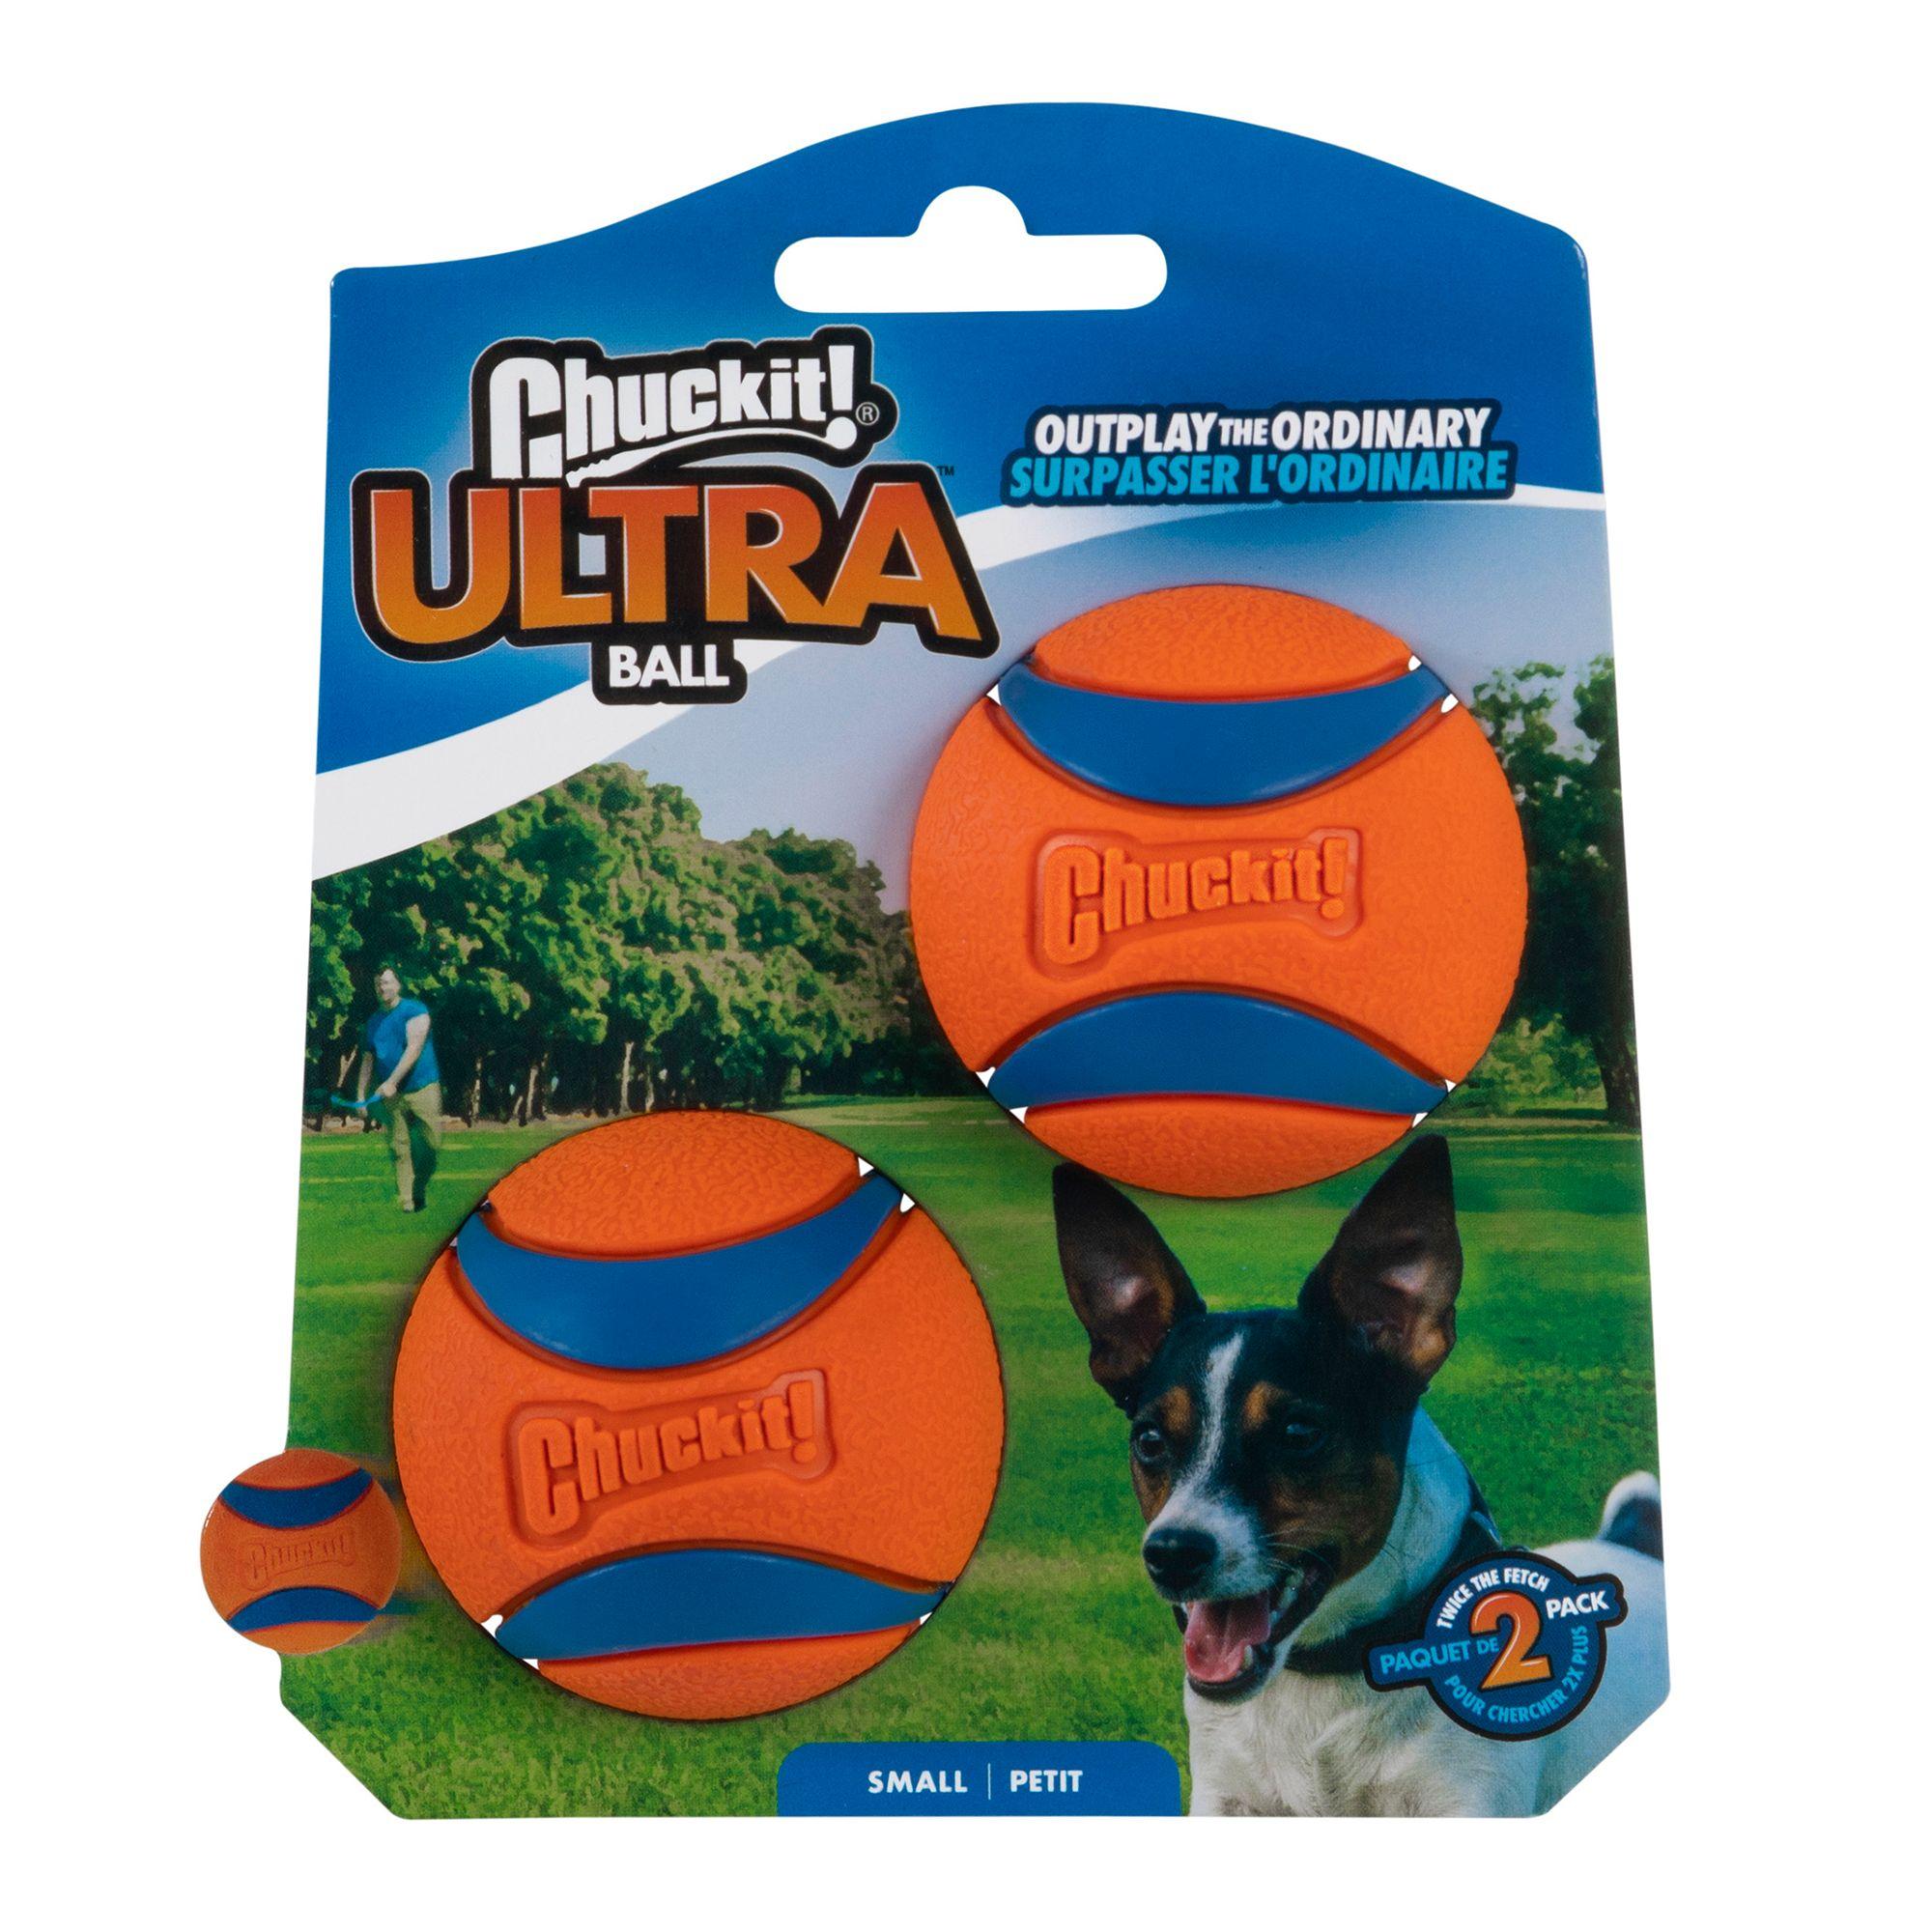 Chuckit! Ultra Ball Dog Toy size: Small, Orange & Blue